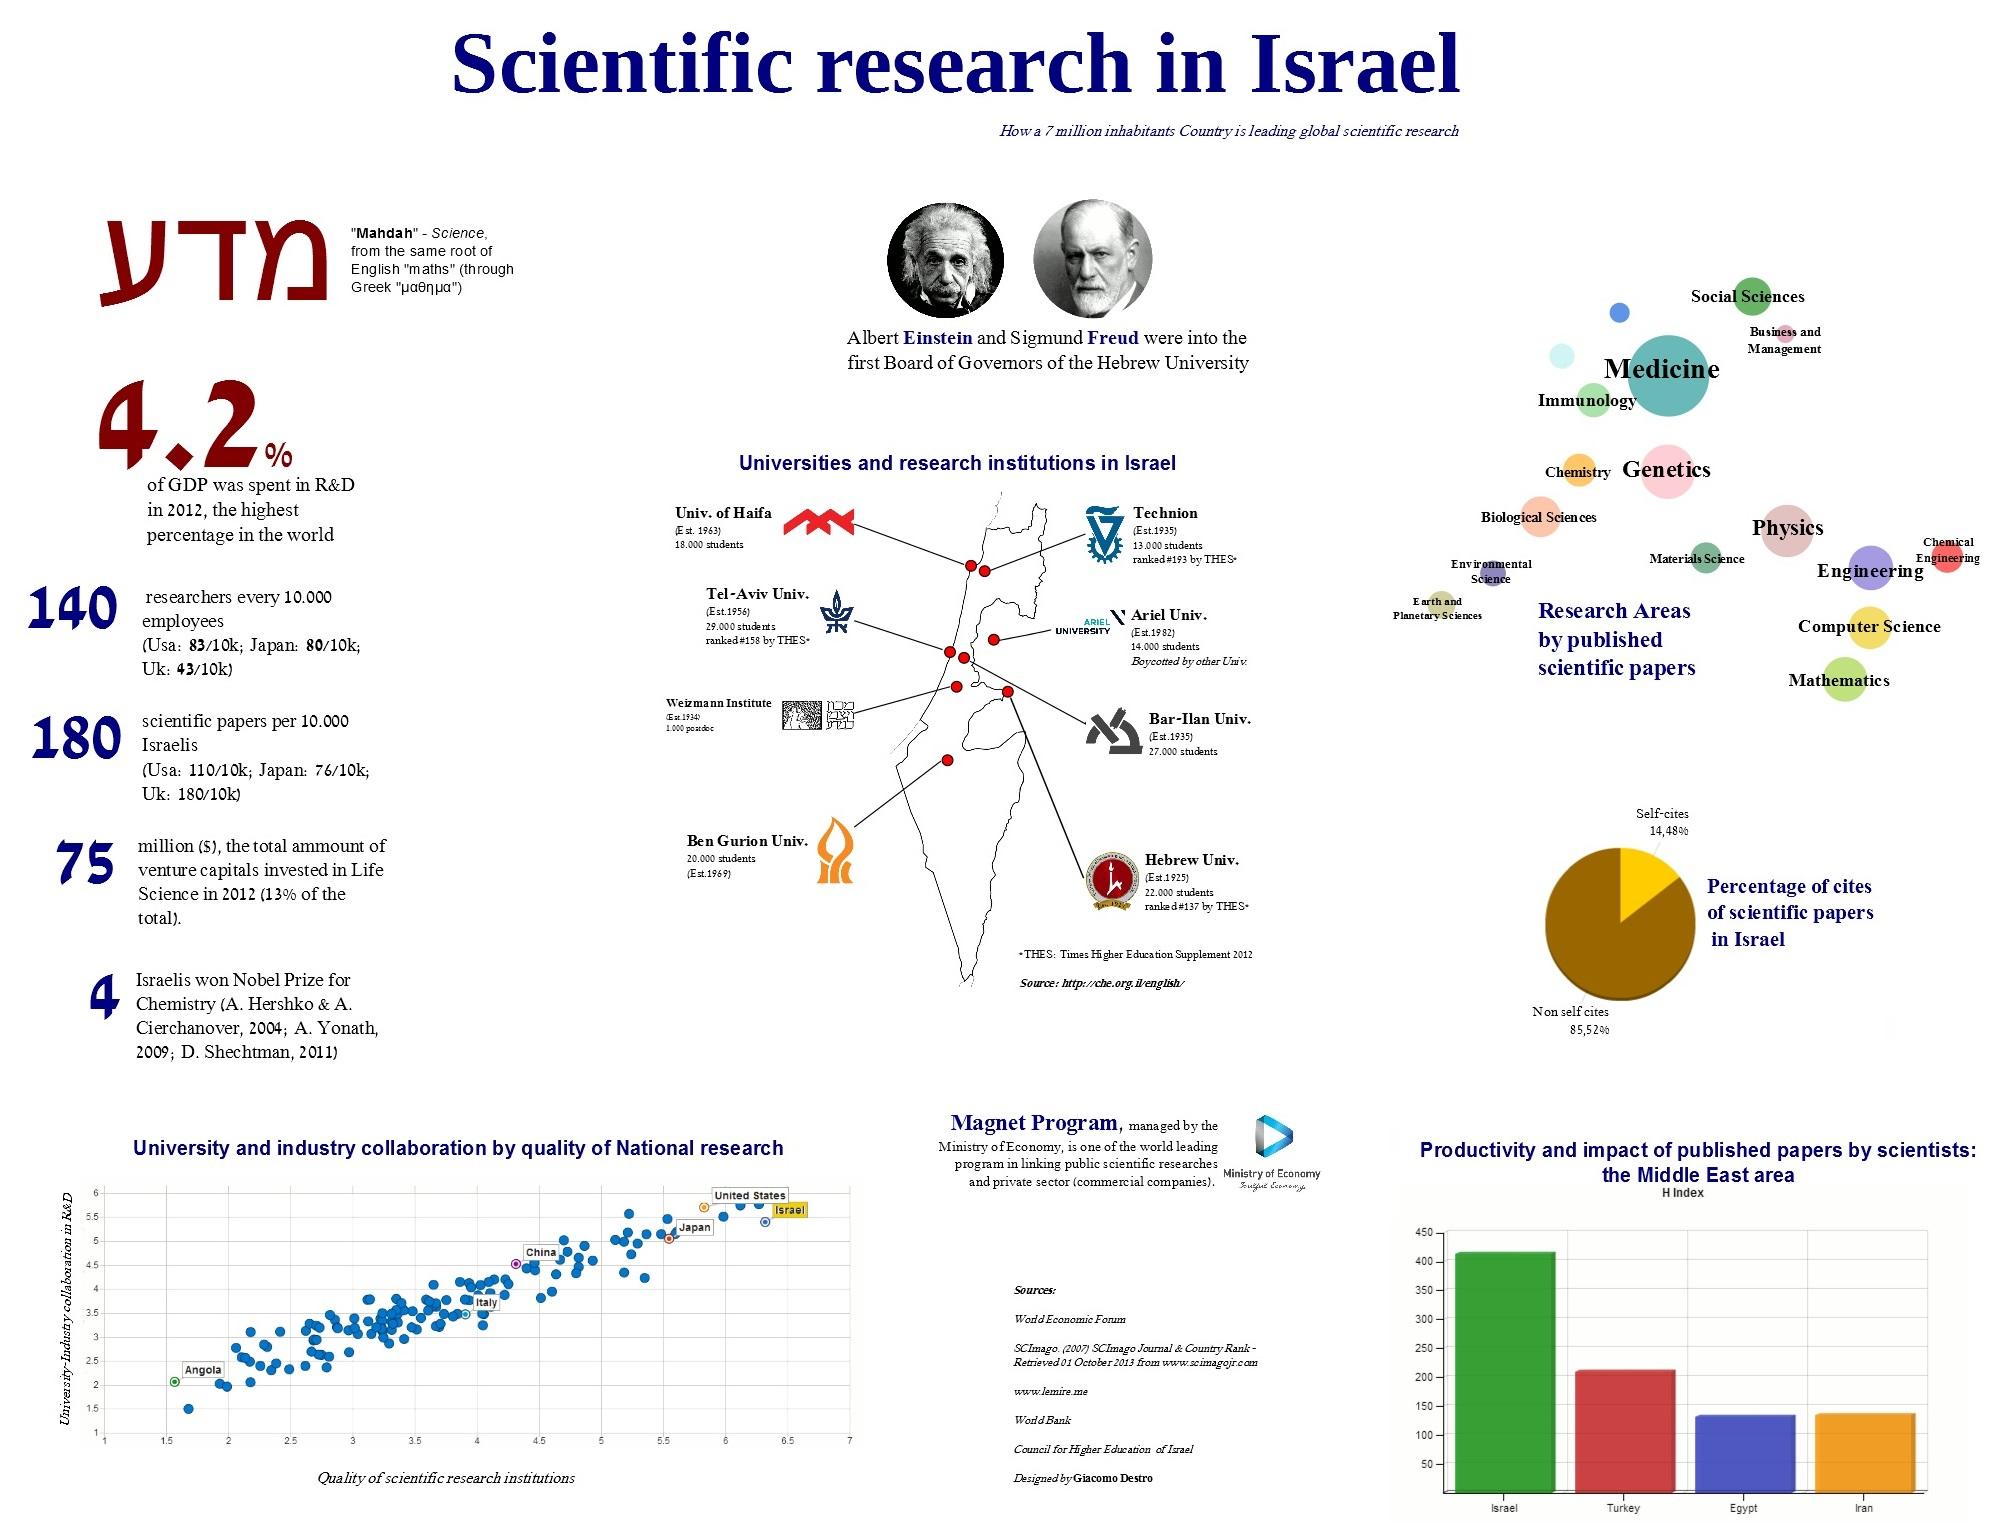 tieteellinen tutkimus israelissa